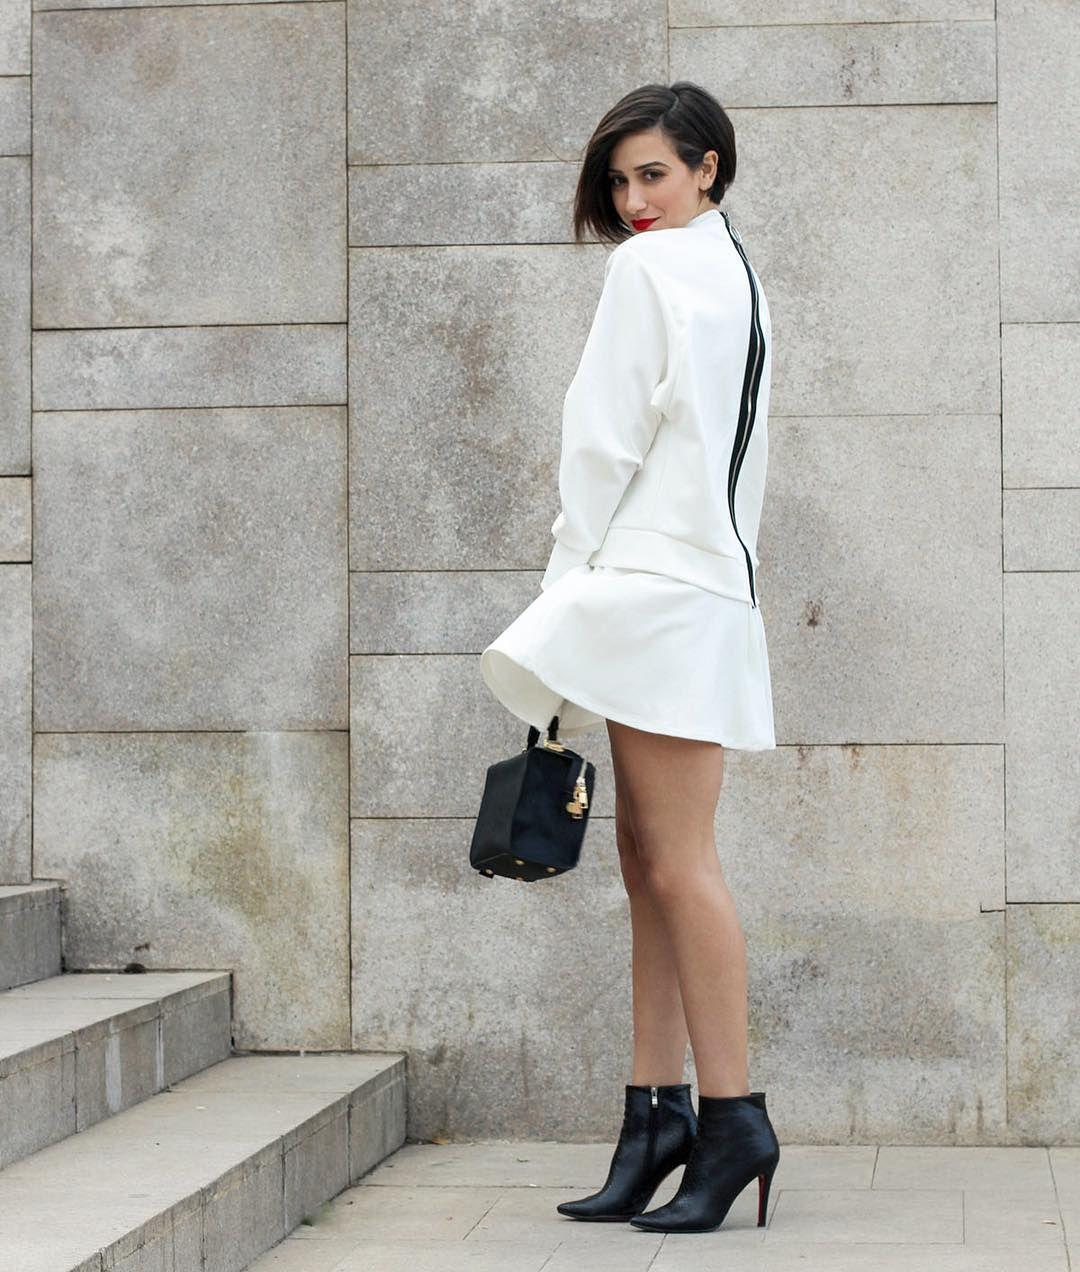 Ce look est sur le blog!!! En cliquant sur le lien dans la bio, vous aurez accès à toutes les informations concernant la tenue. Un total look blanc, ou presque...! Moi, j'adore! Et vous? 📸: @lachhab__ #new #blog #post #total #white #look #blanc #spring #lookbook #streestyle #fashion #lifestyle #beauty #blogger